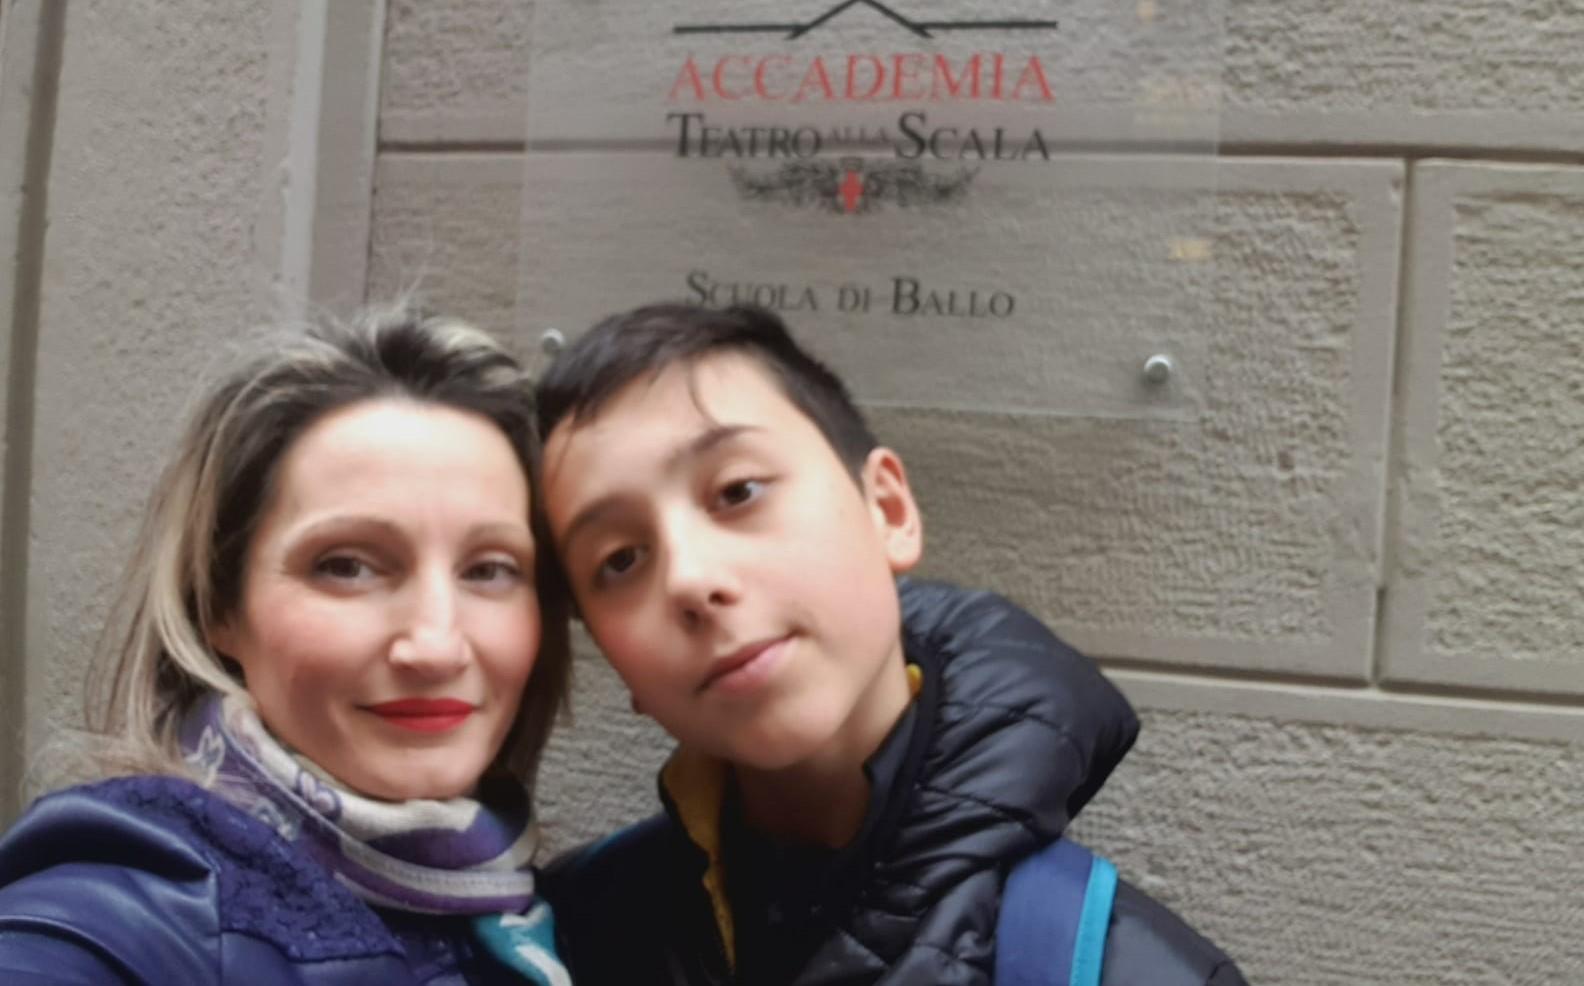 Billy Elliot esiste ed è un 13enne nato e cresciuto in CalabriaLa splendida storia di Samuele Taccone approdato Alla Scala